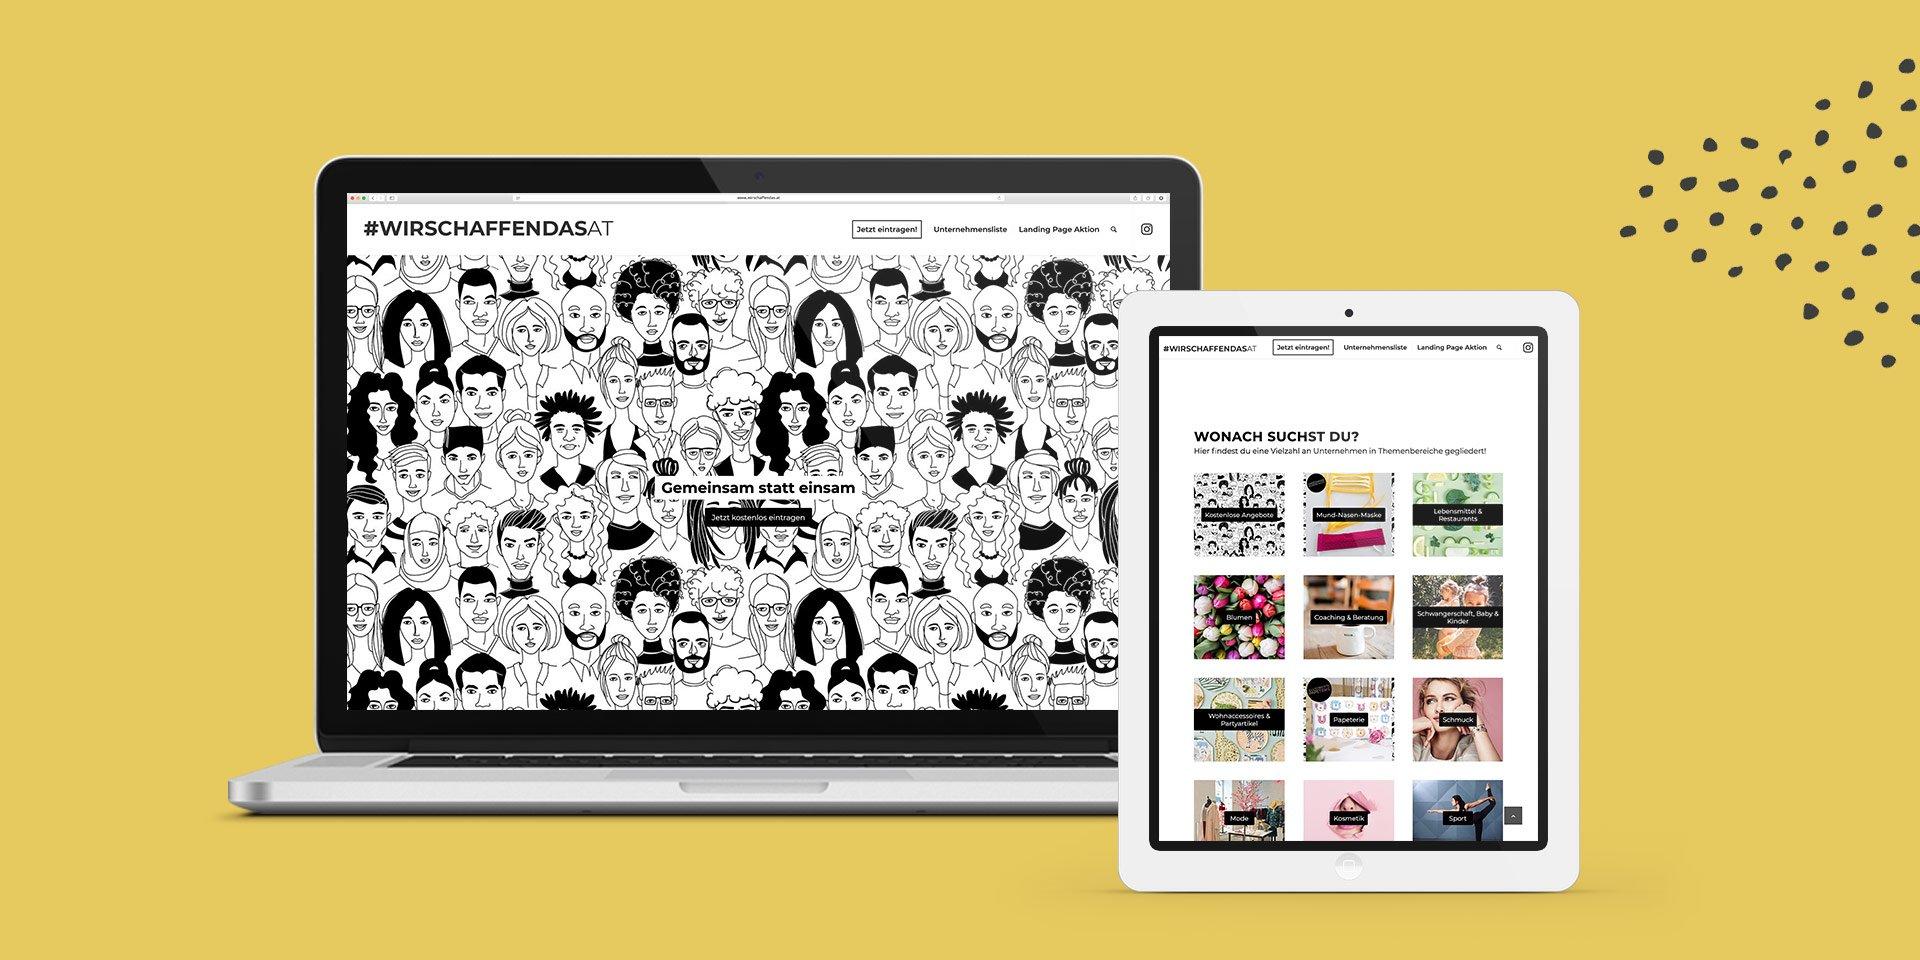 Wir schaffen das Website Collage